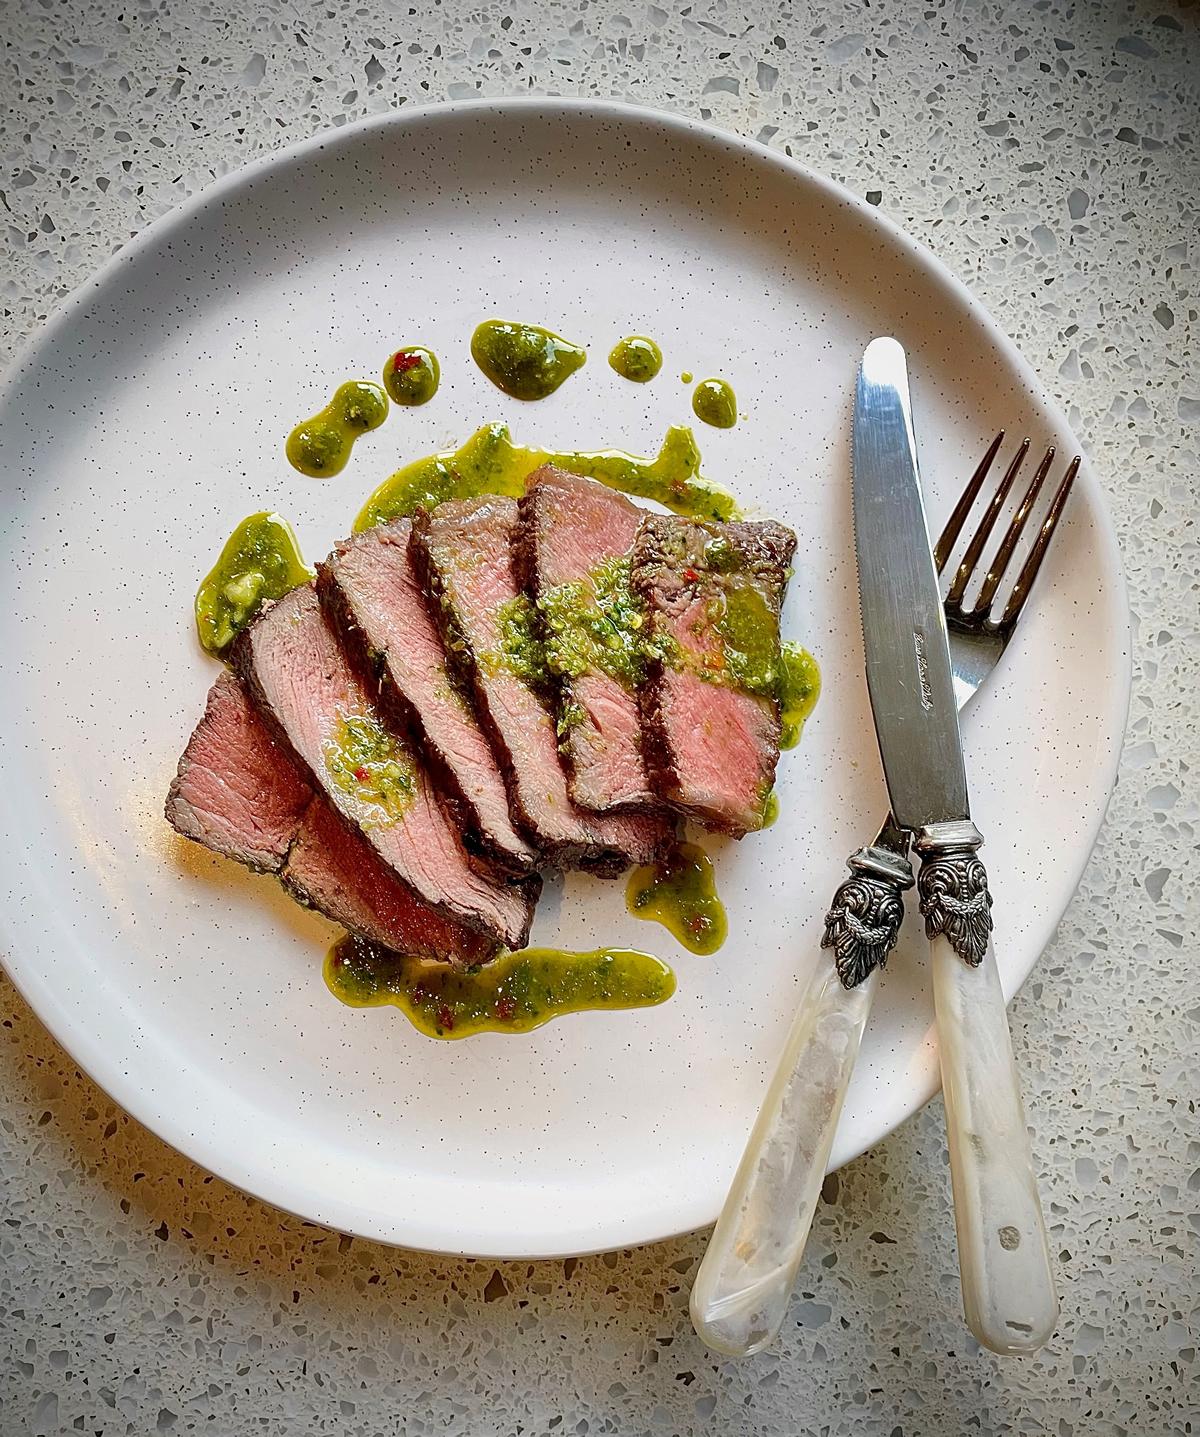 Recipe Reverse Seared Scotch Roast Steak With Chimichurri Sauce02